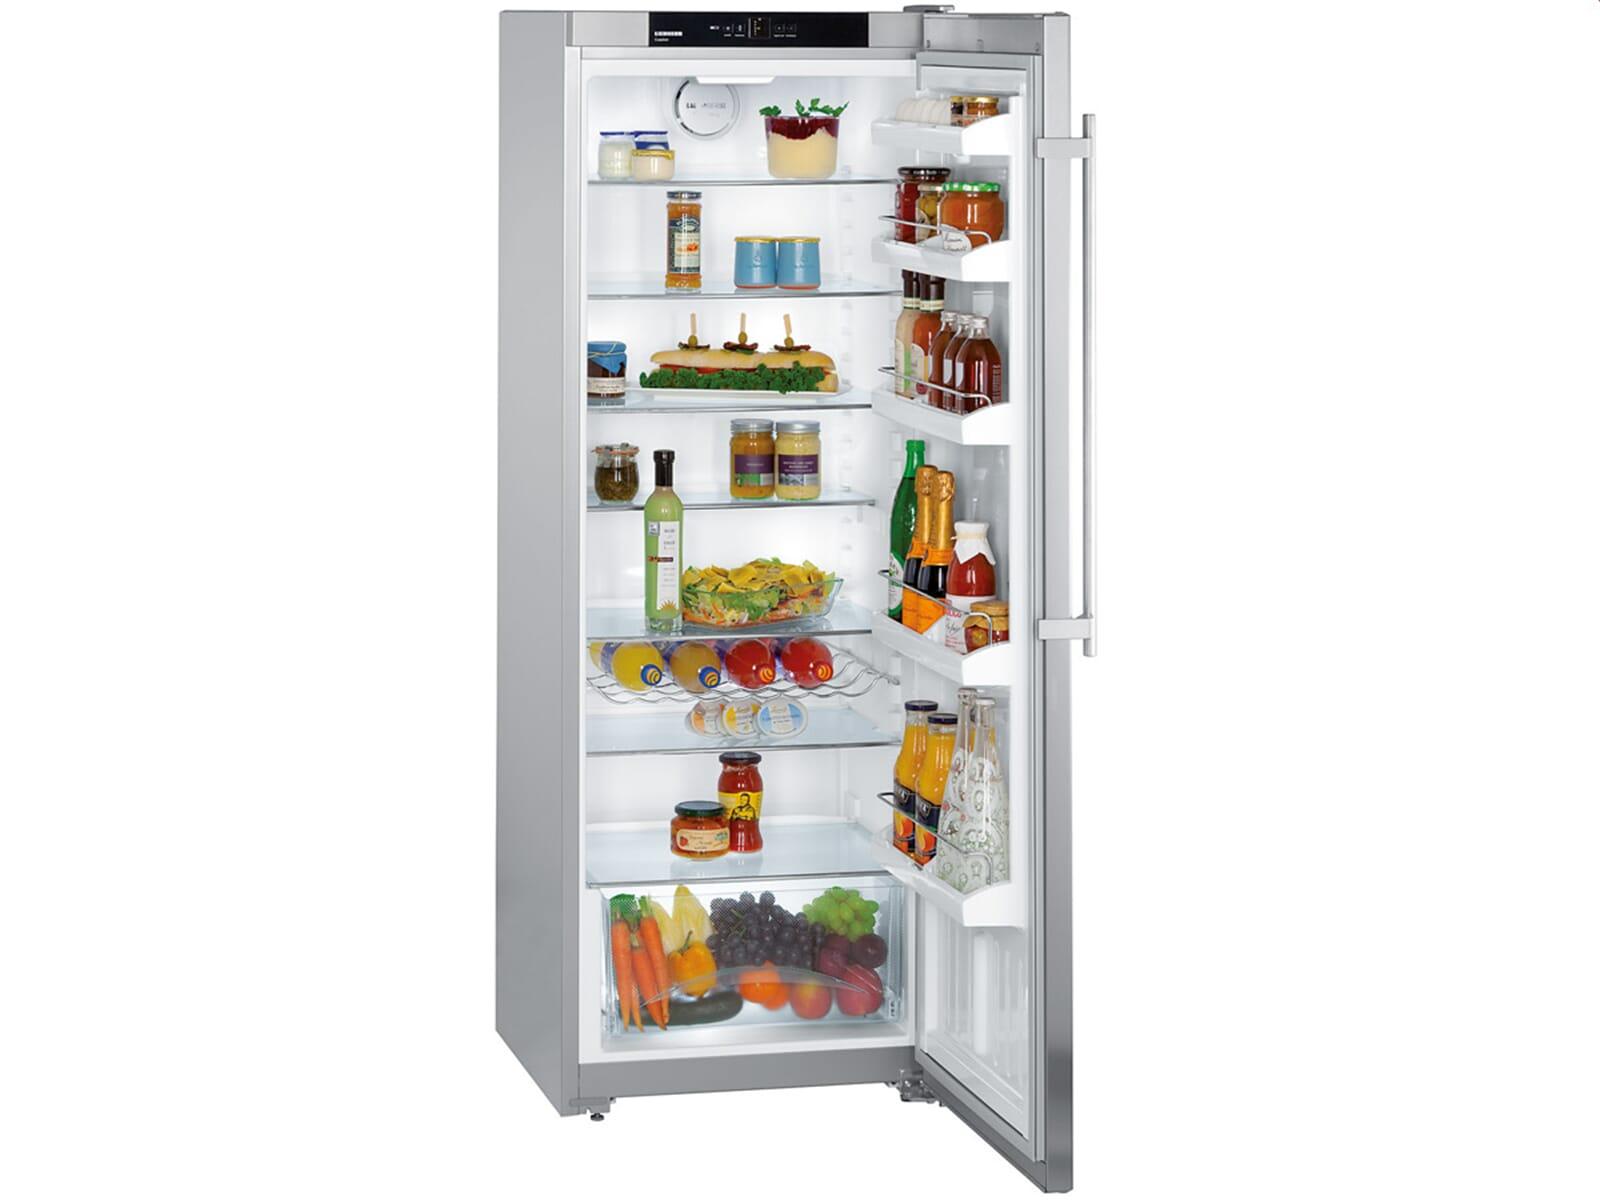 Mini Kühlschrank Angebot : Mini kühlschrank angebot was ist eine minibar alle infos zum